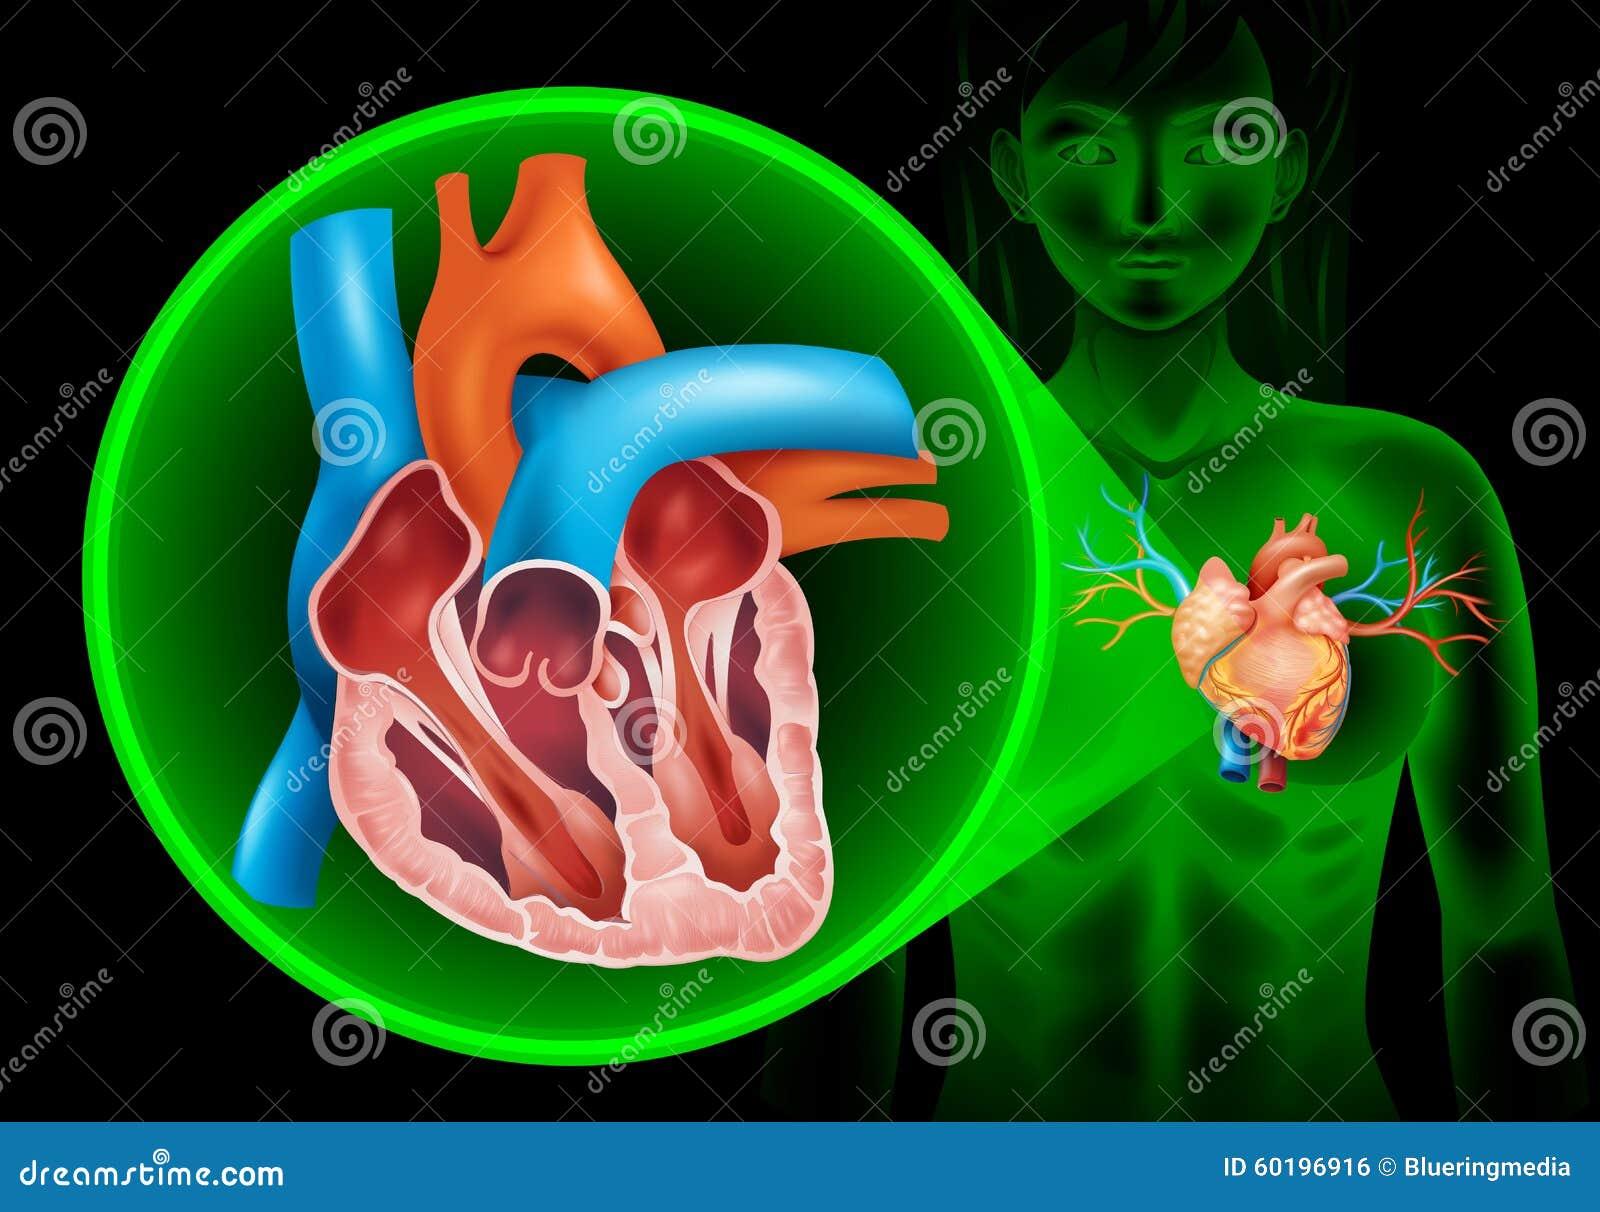 Lujoso Foto Marcada Del Corazón Humano Molde - Imágenes de Anatomía ...